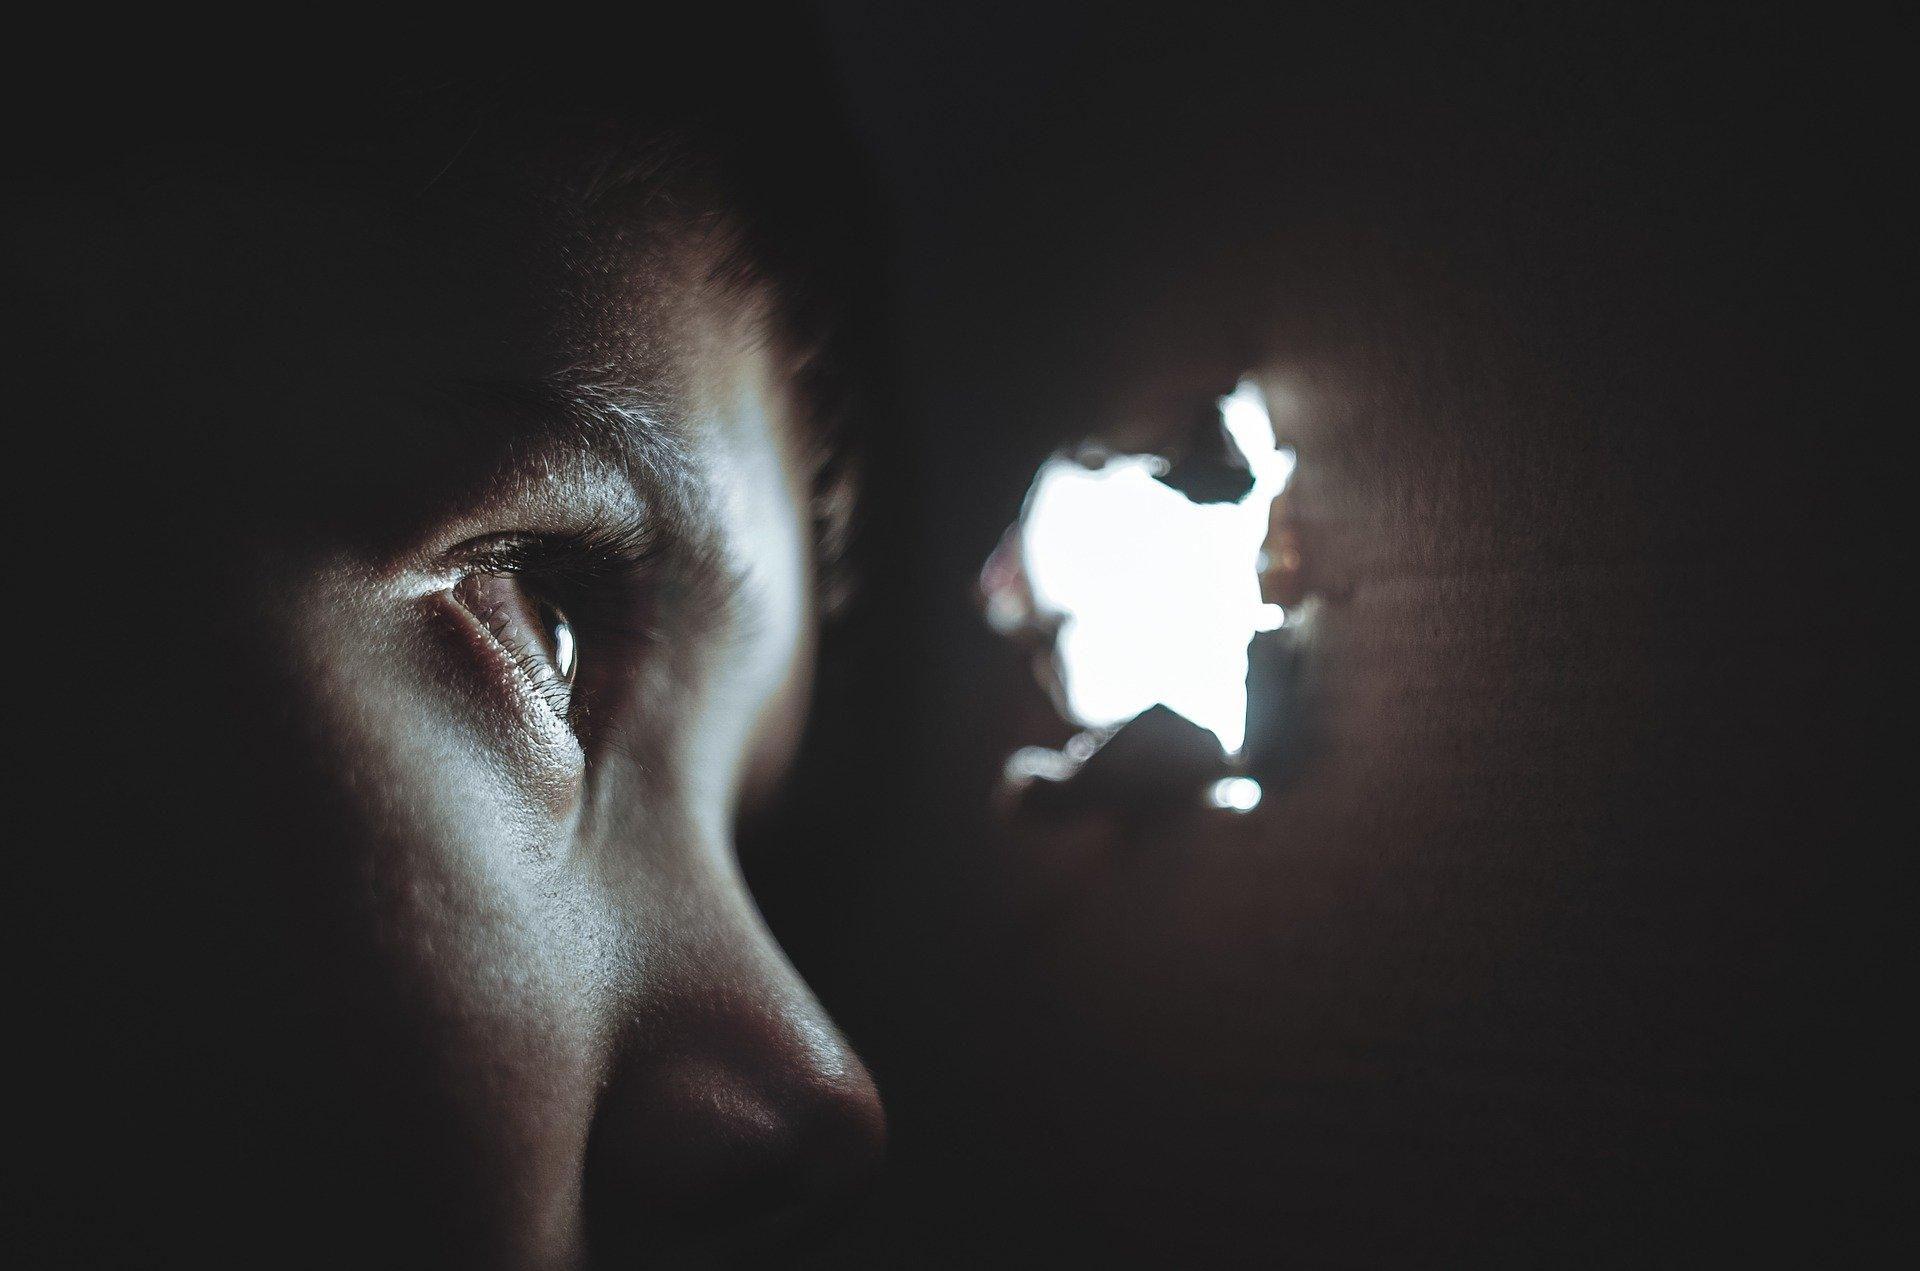 El miedo: ese desconocido